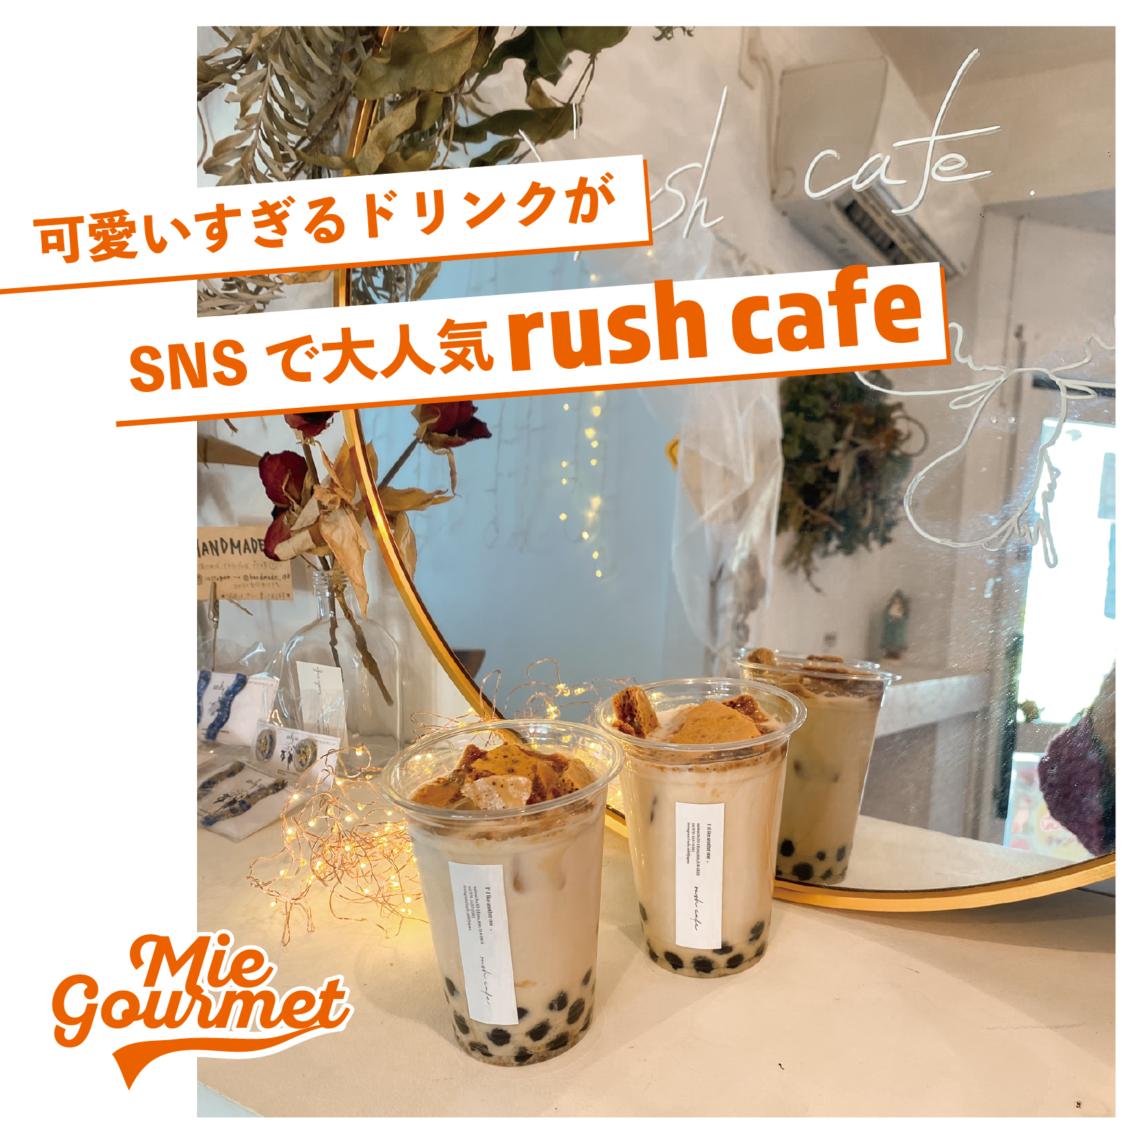 可愛すぎるドリンクが SNSで大人気【rush cafe】